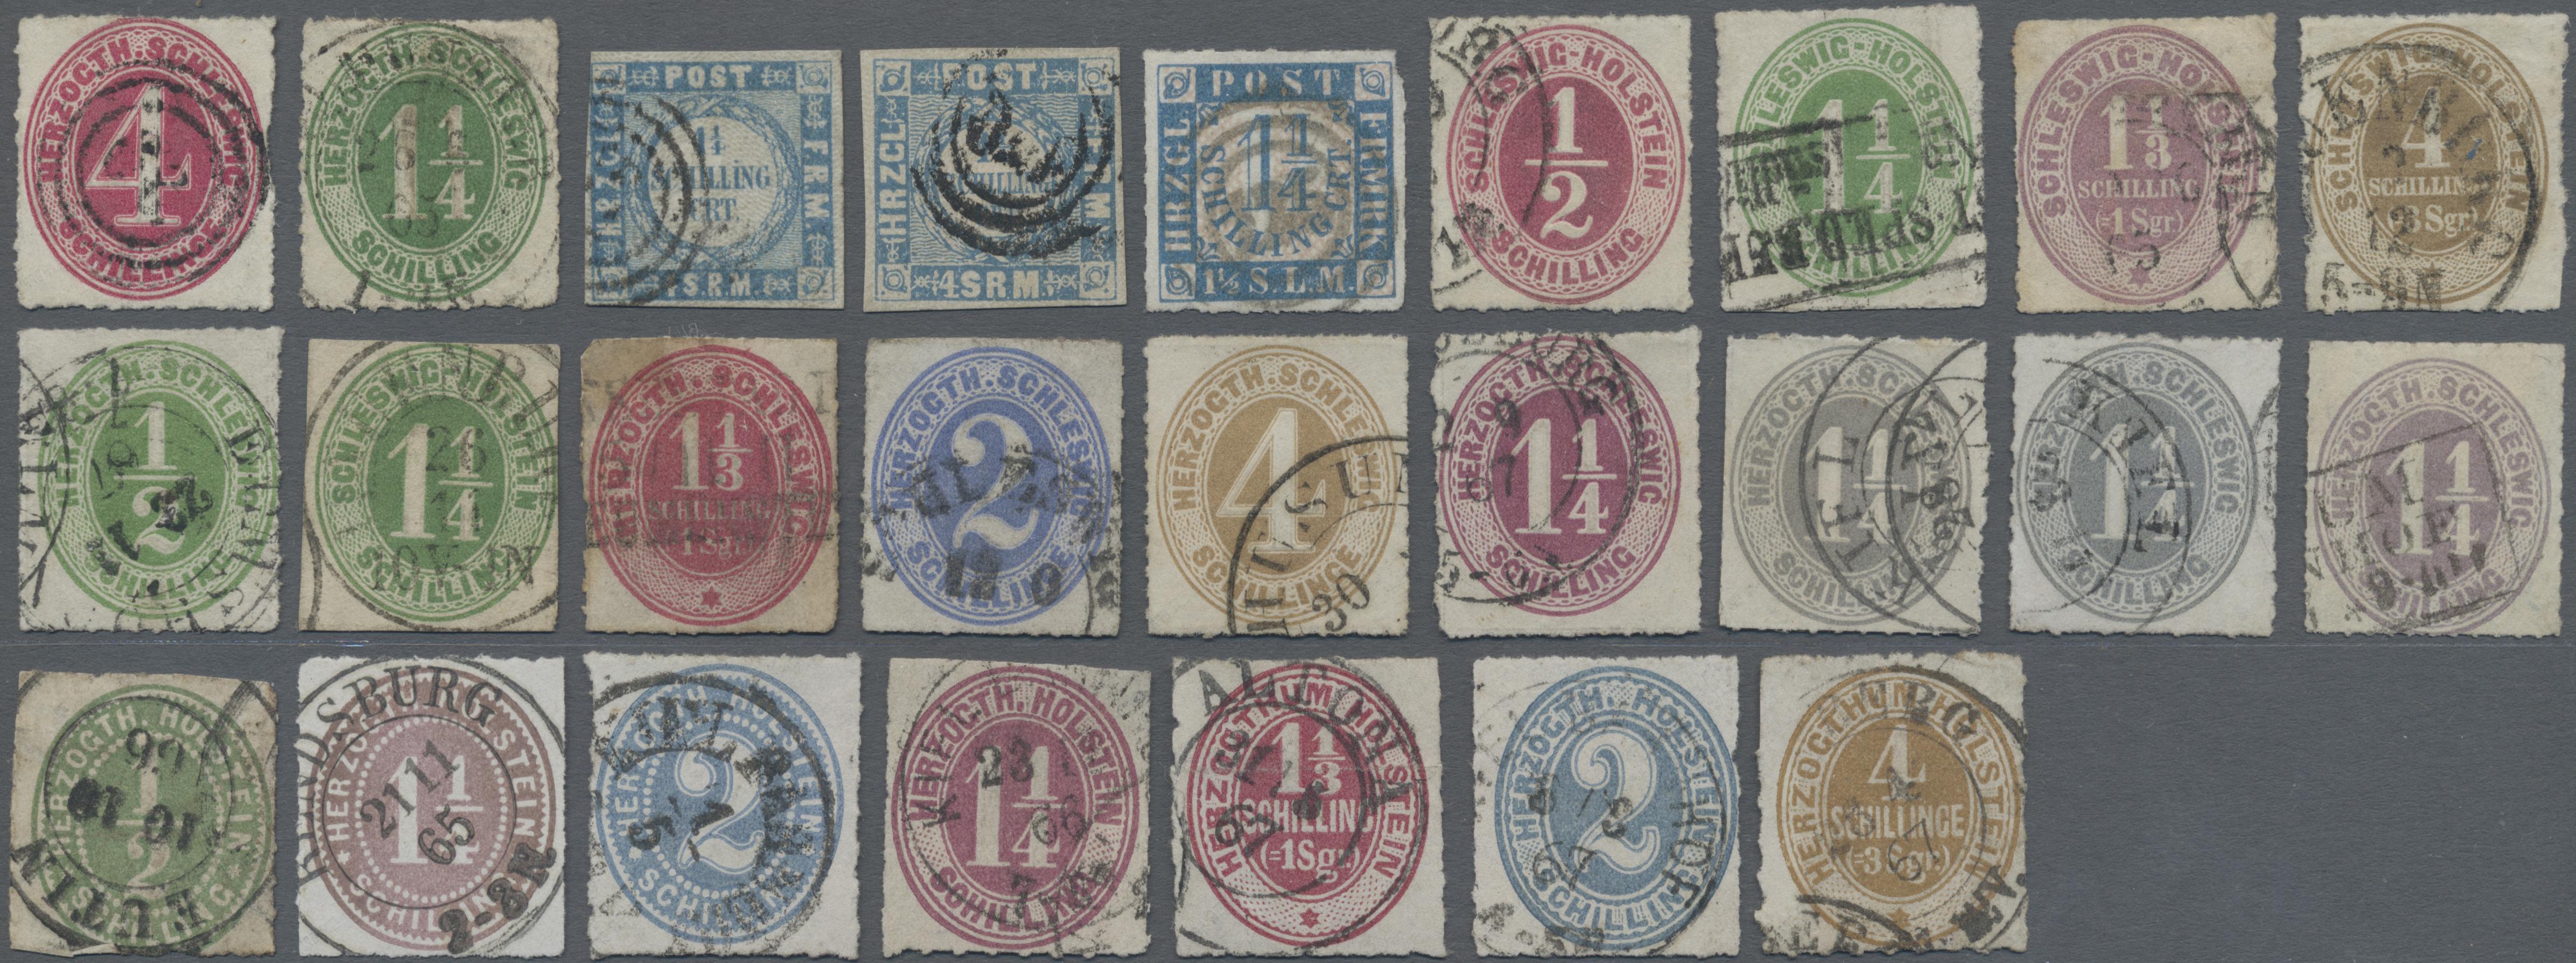 Lot 22910 - Schleswig-Holstein - Marken und Briefe  -  Auktionshaus Christoph Gärtner GmbH & Co. KG 50th Auction Anniversary Auction - Day 7